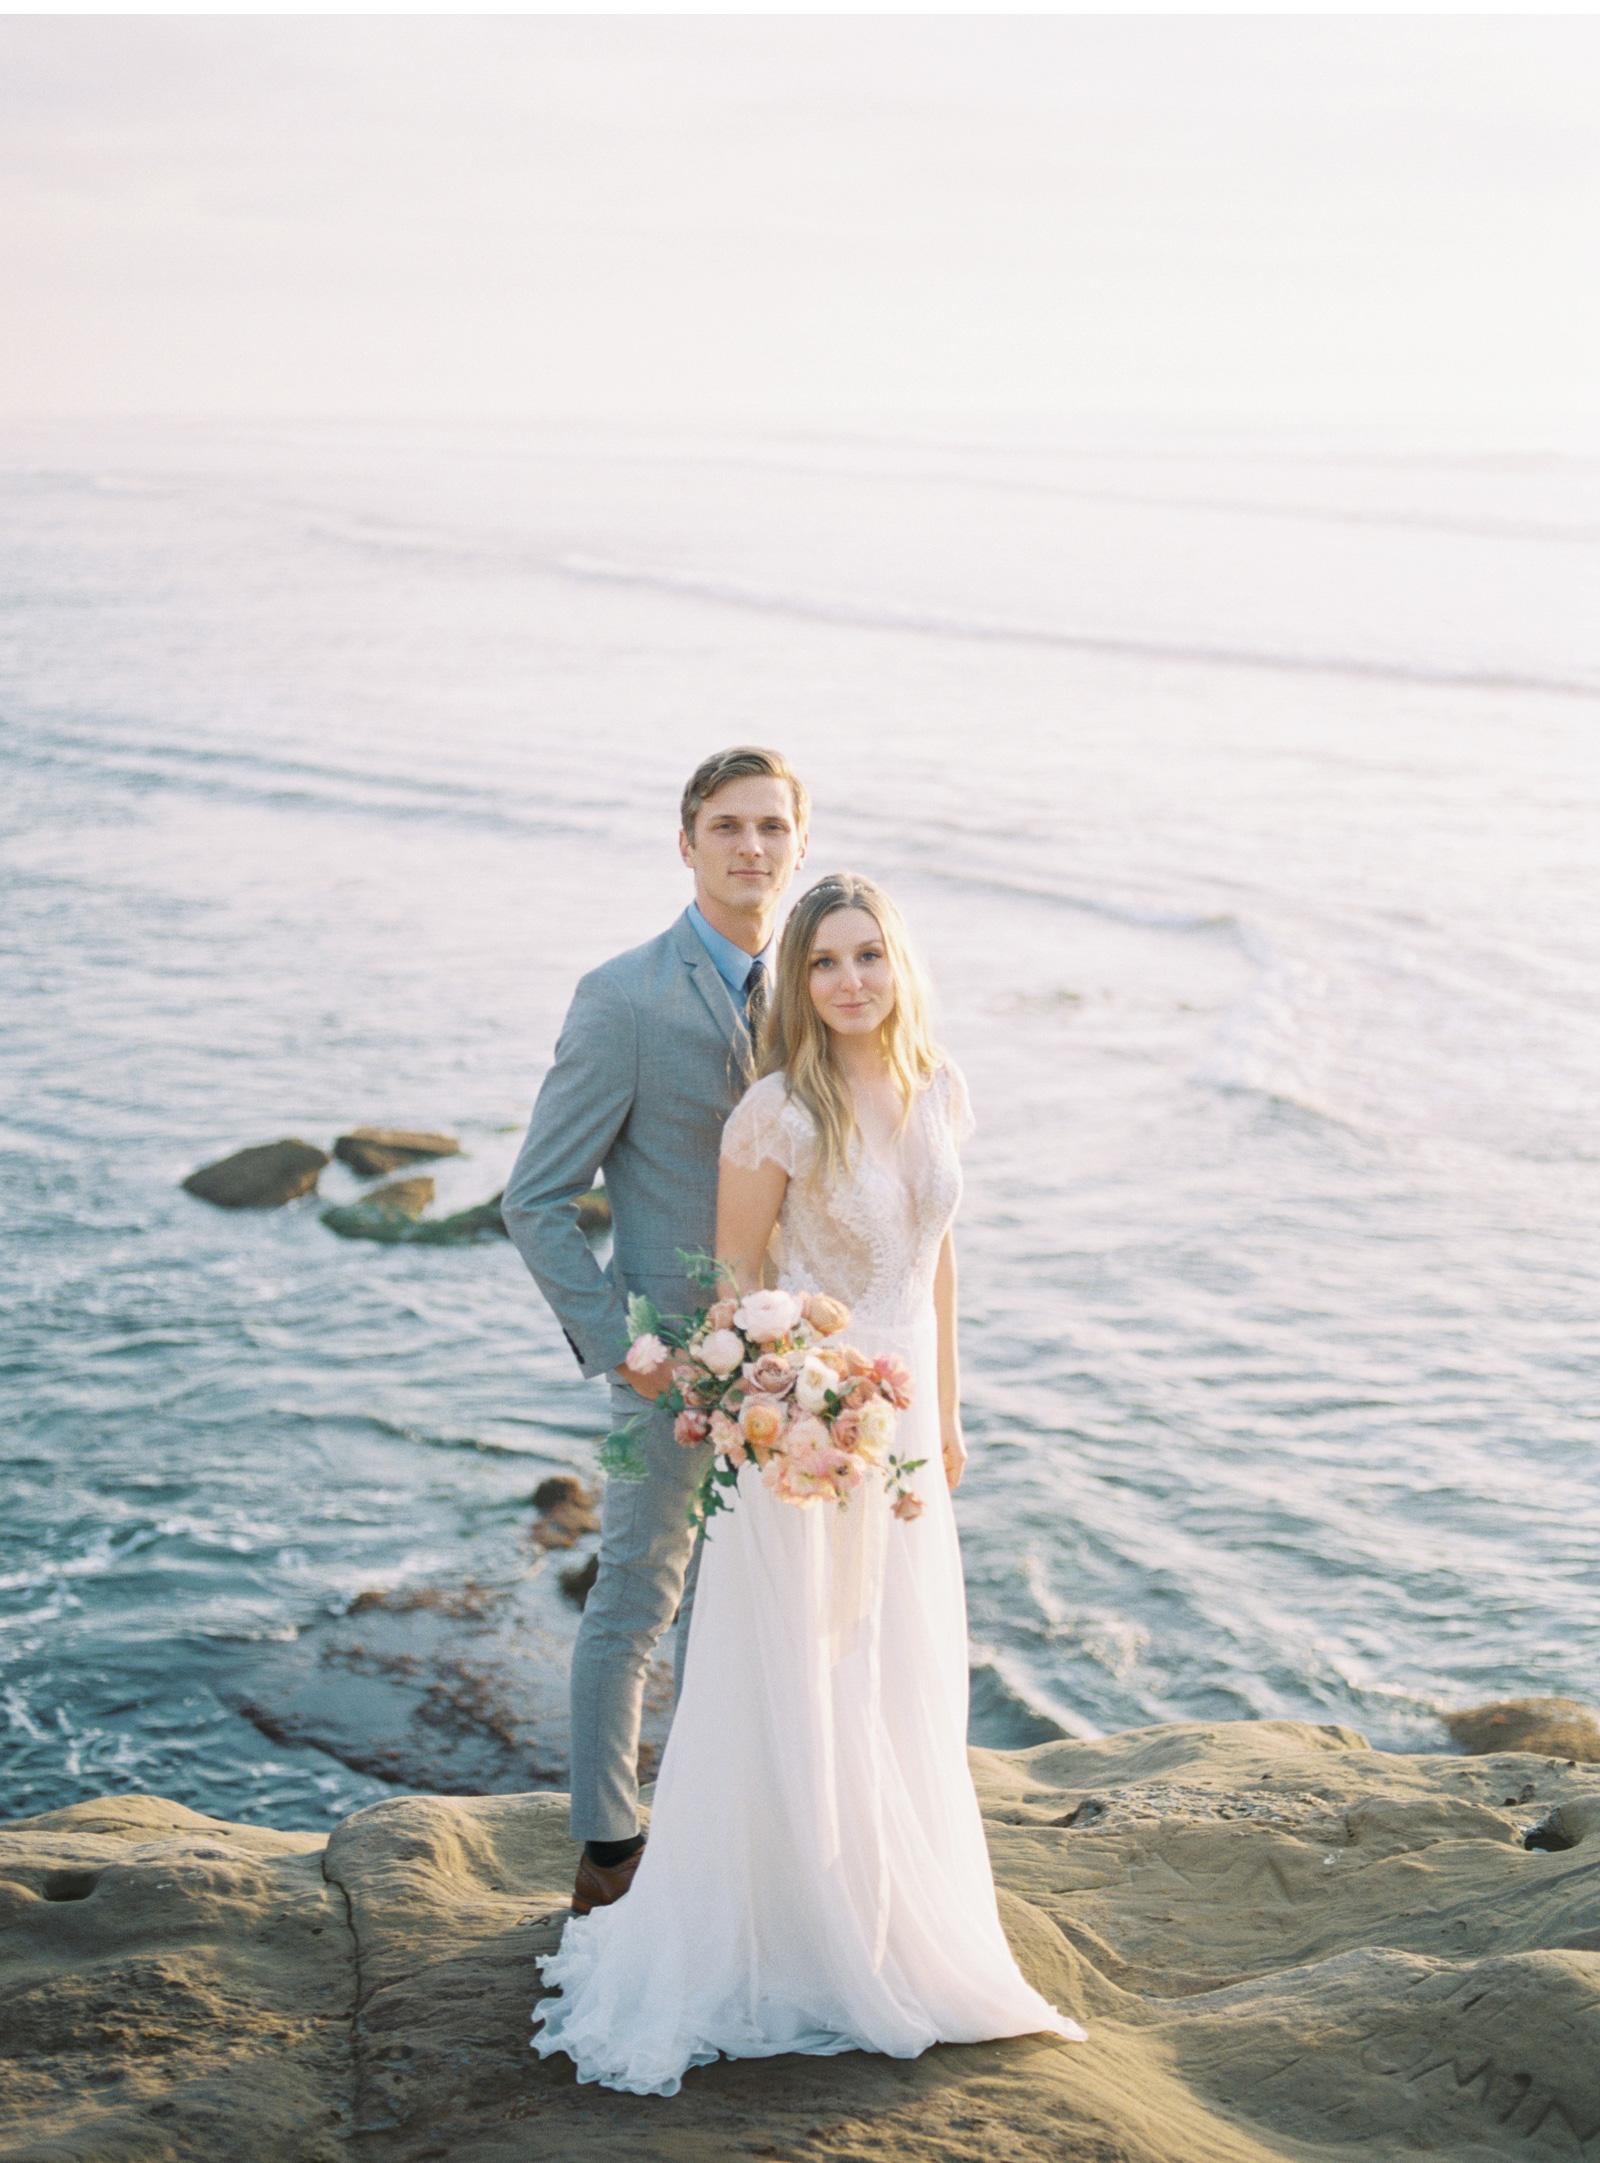 Fine-Art-Southern-California-Wedding-Photographer-Natalie-Schutt-Photography_01.jpg